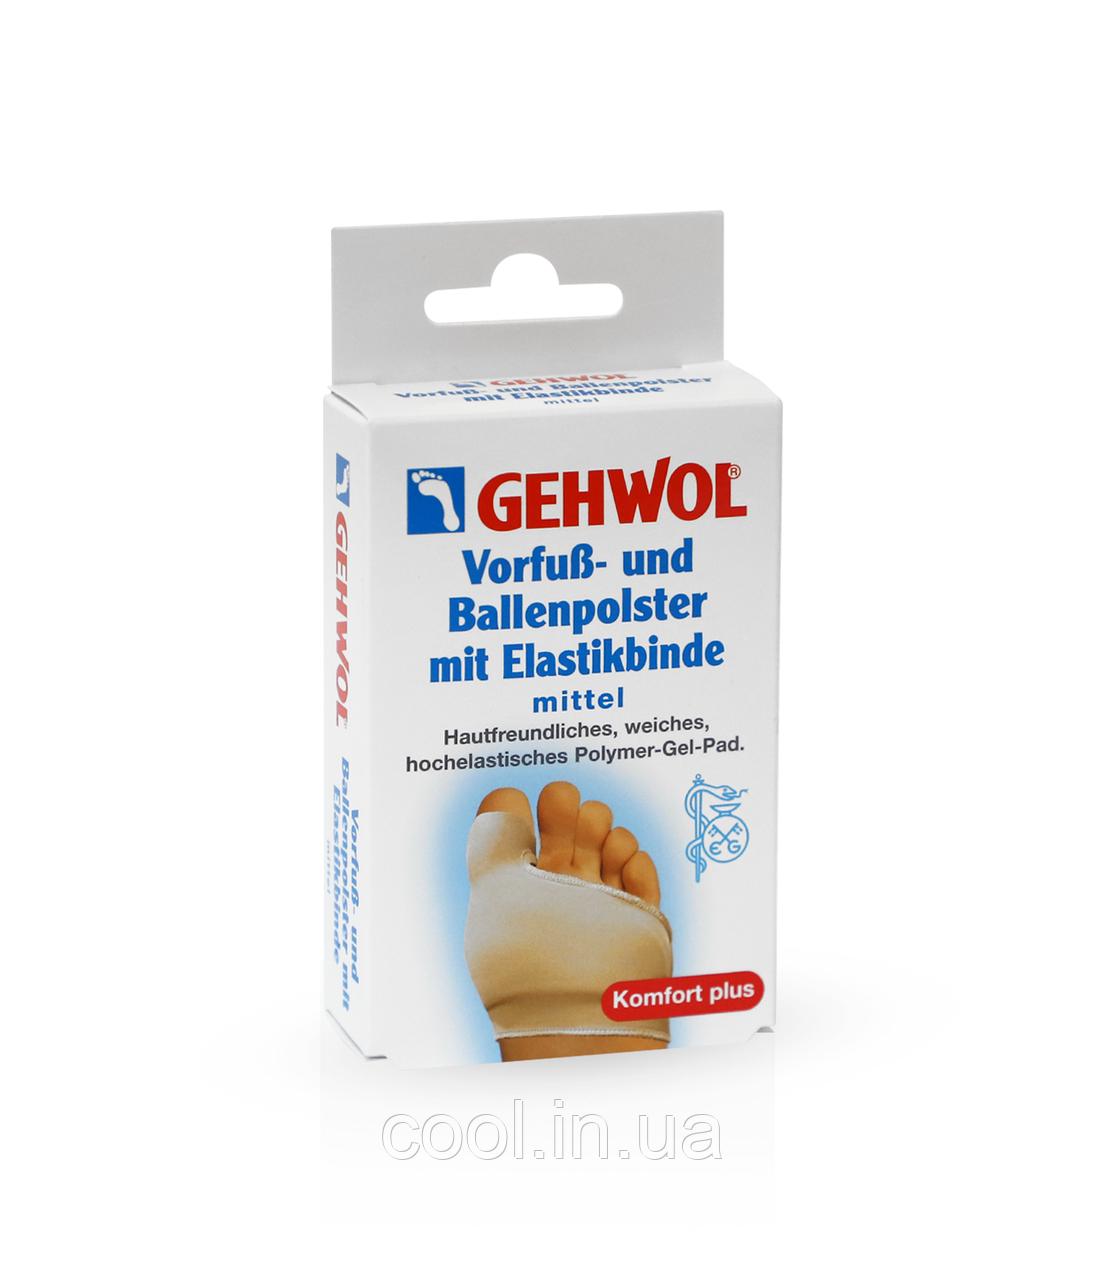 Защитная подушка под плюсну с накладкой на большой палец из гель-полимера и эластичной ткани, средний р GEHWOL